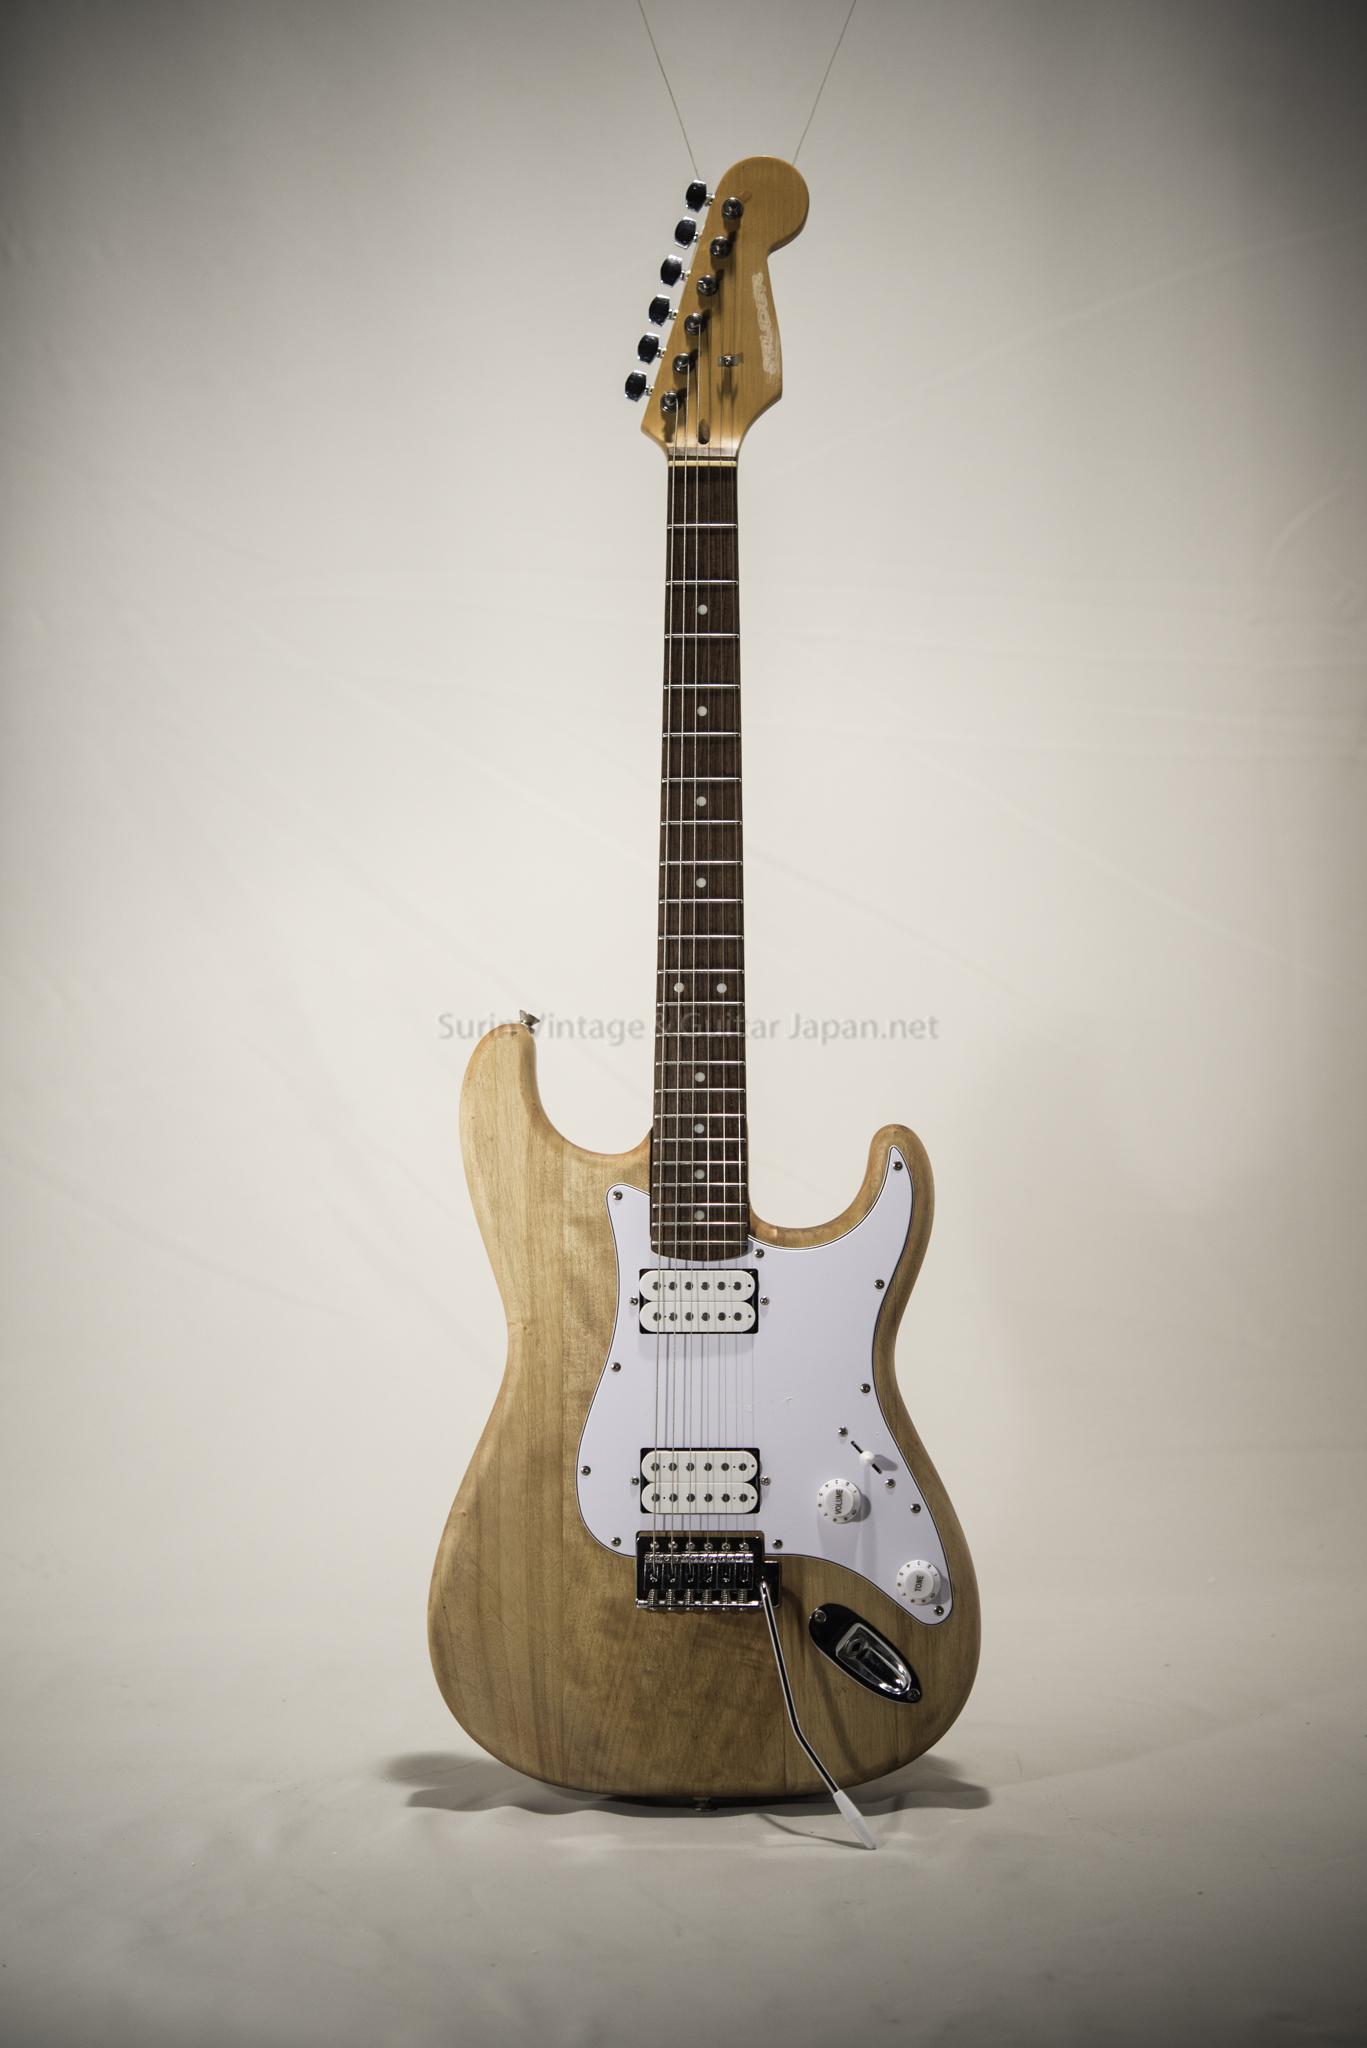 กีต้าร์ไฟฟ้ามือสอง Stratocaster Modify No.30